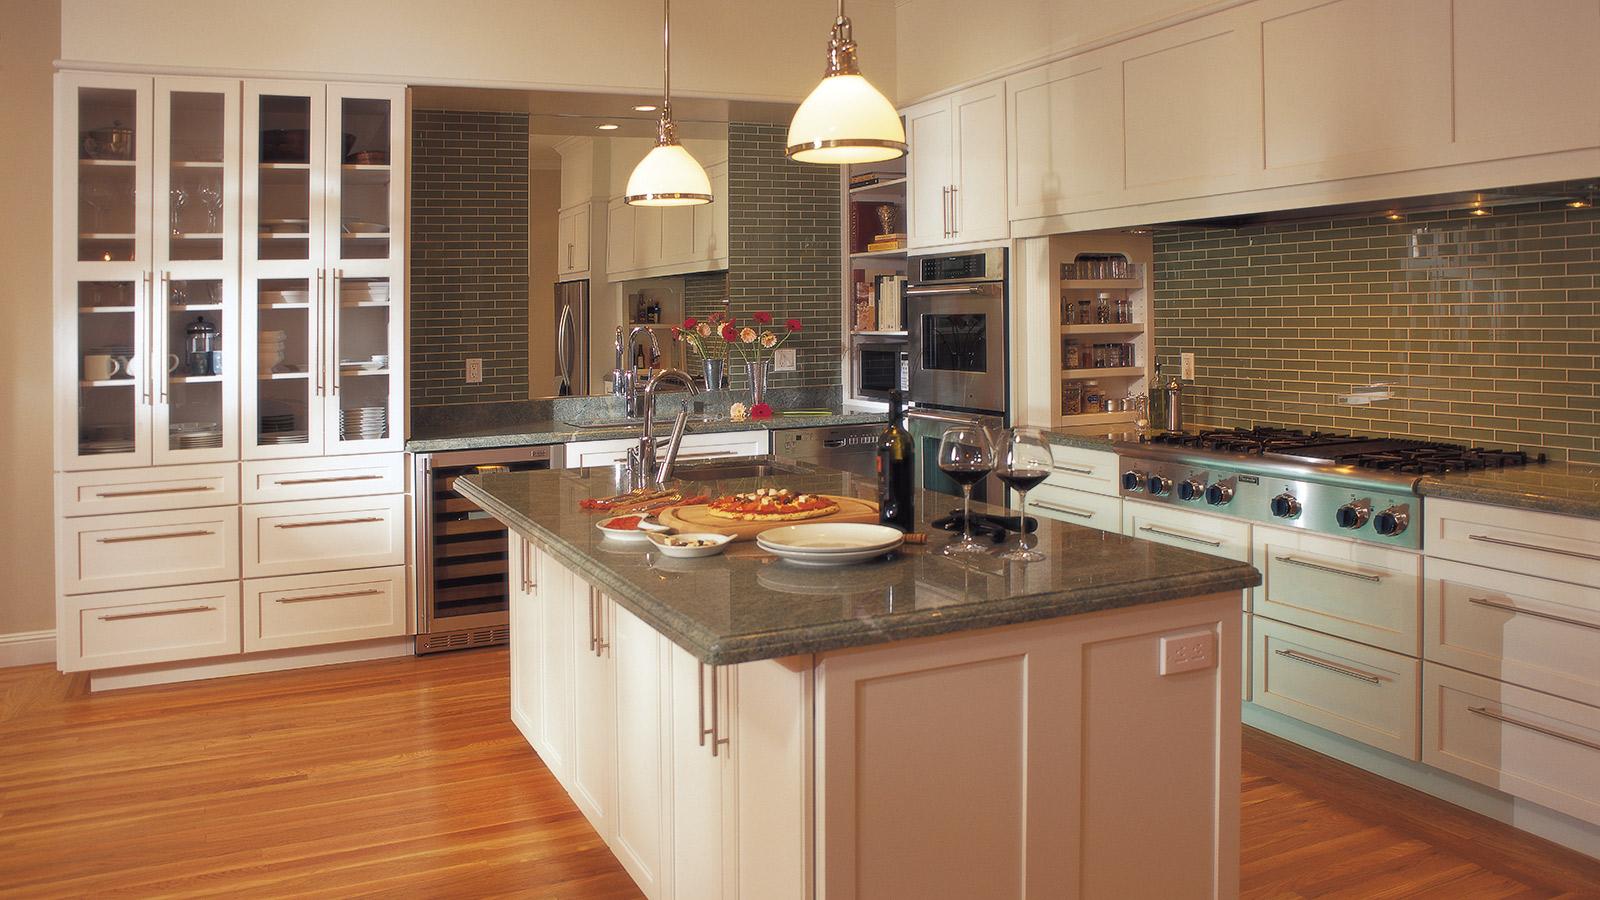 Parallel Kitchen Layout Ideas